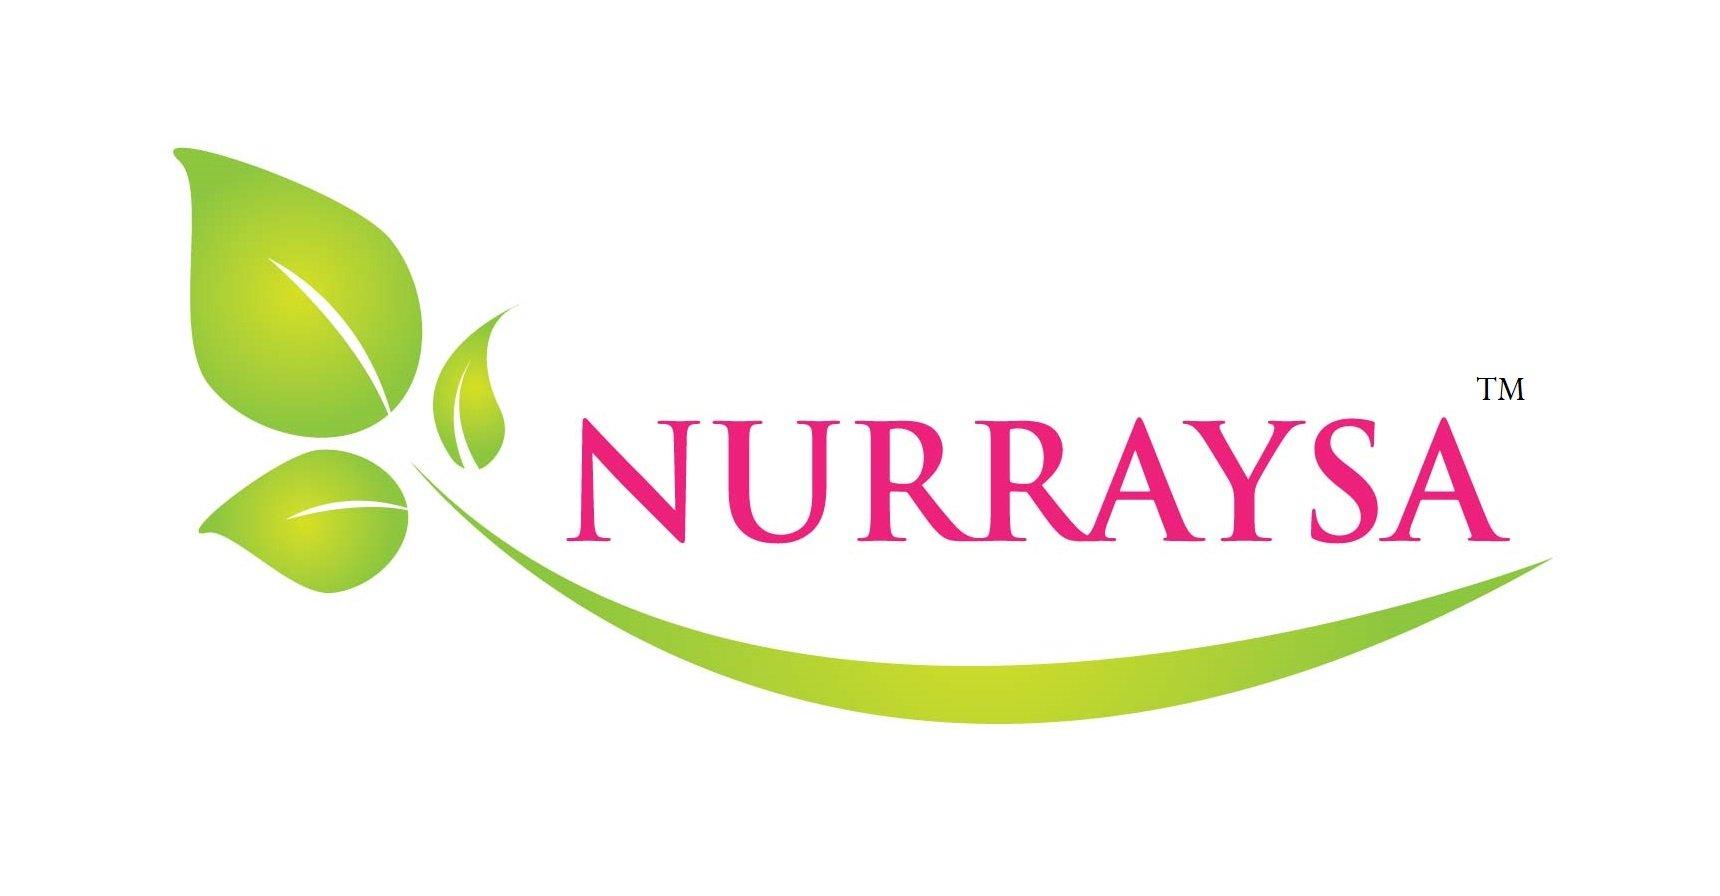 Pengenalan Nurraysa